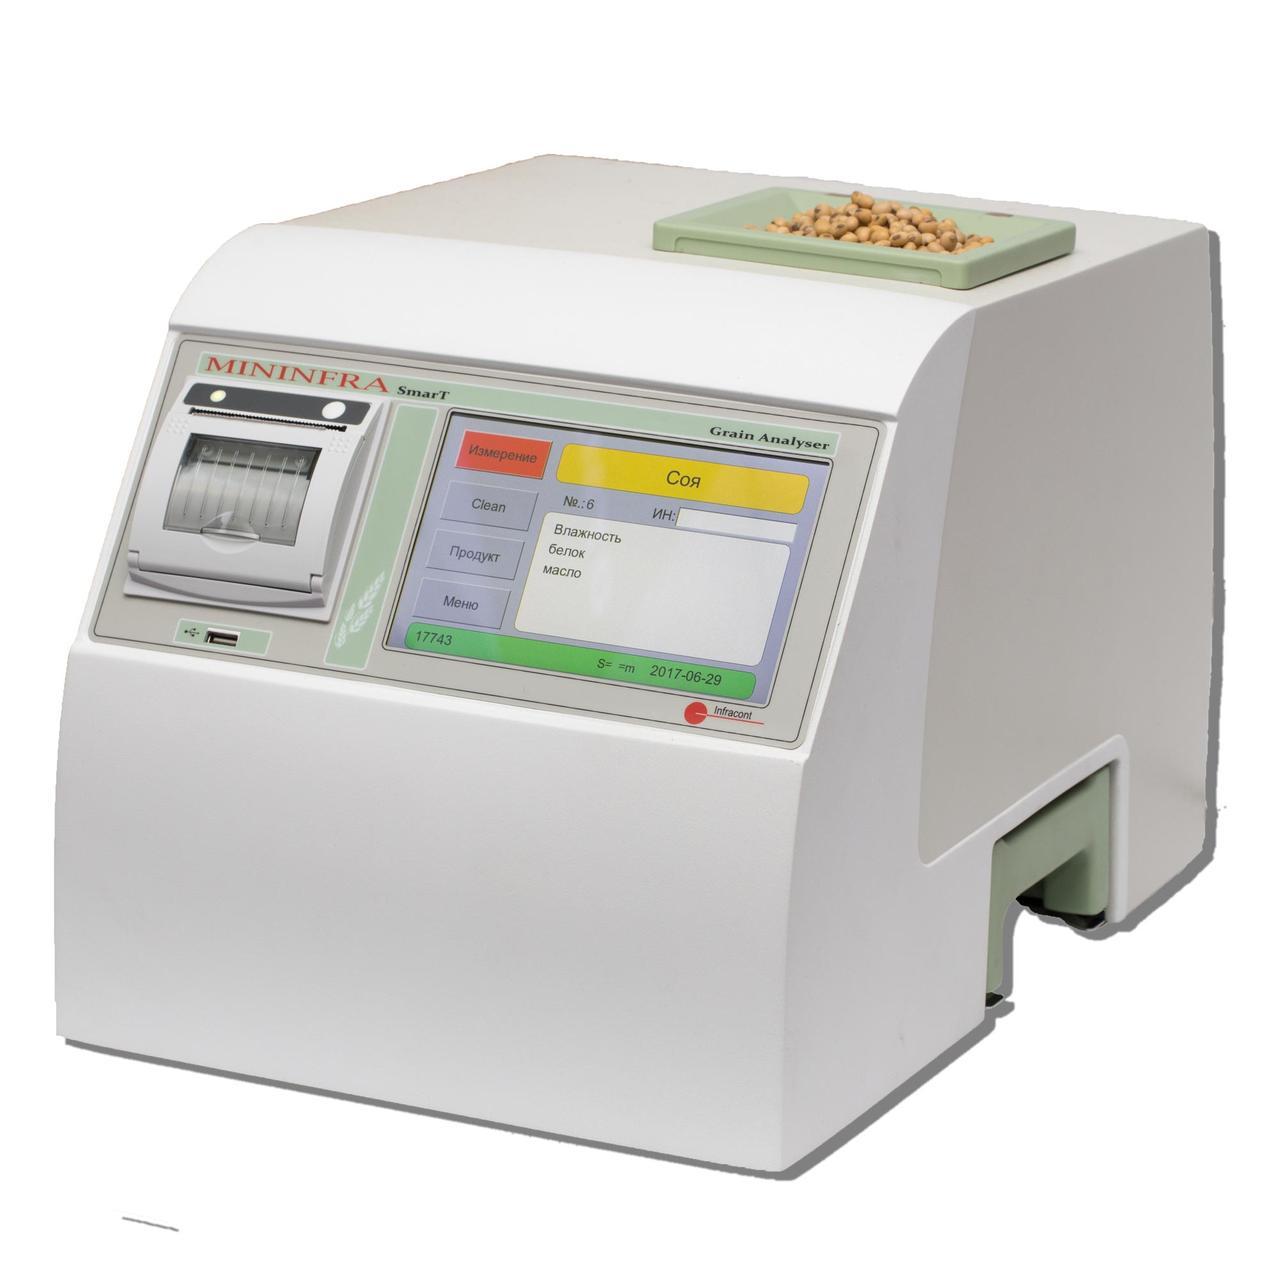 Инфракрасный анализатор зерна Mininfra SmarT